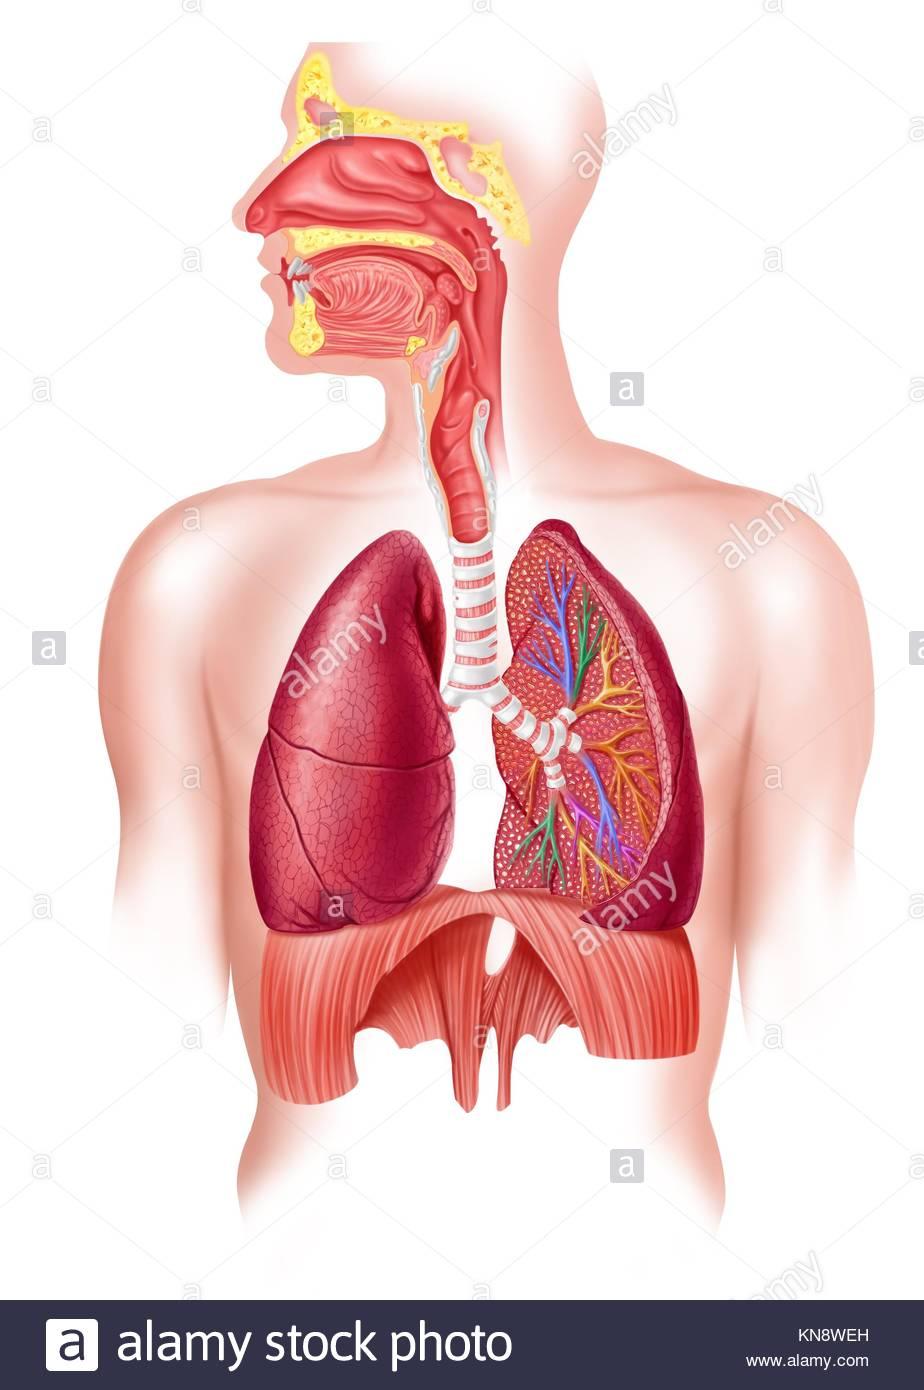 Diagram Human Body Imágenes De Stock & Diagram Human Body Fotos De ...